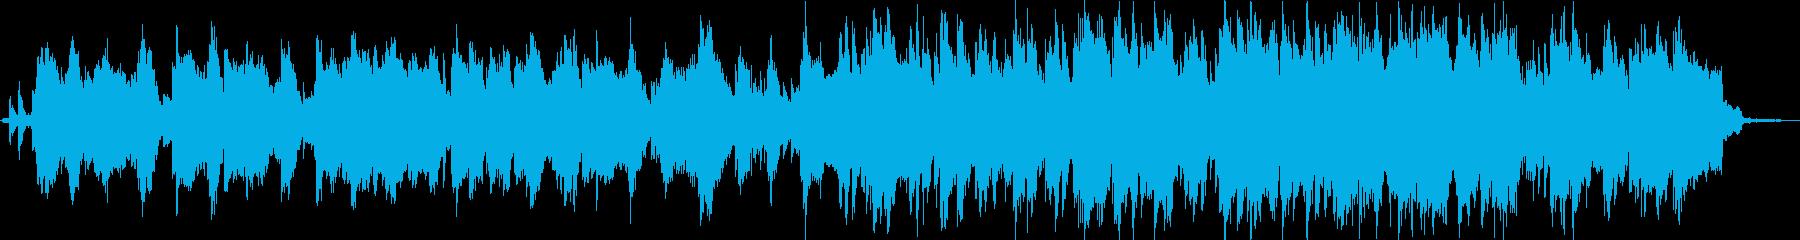 鳥や虫の鳴き声と笛とシンセサイザーの音楽の再生済みの波形